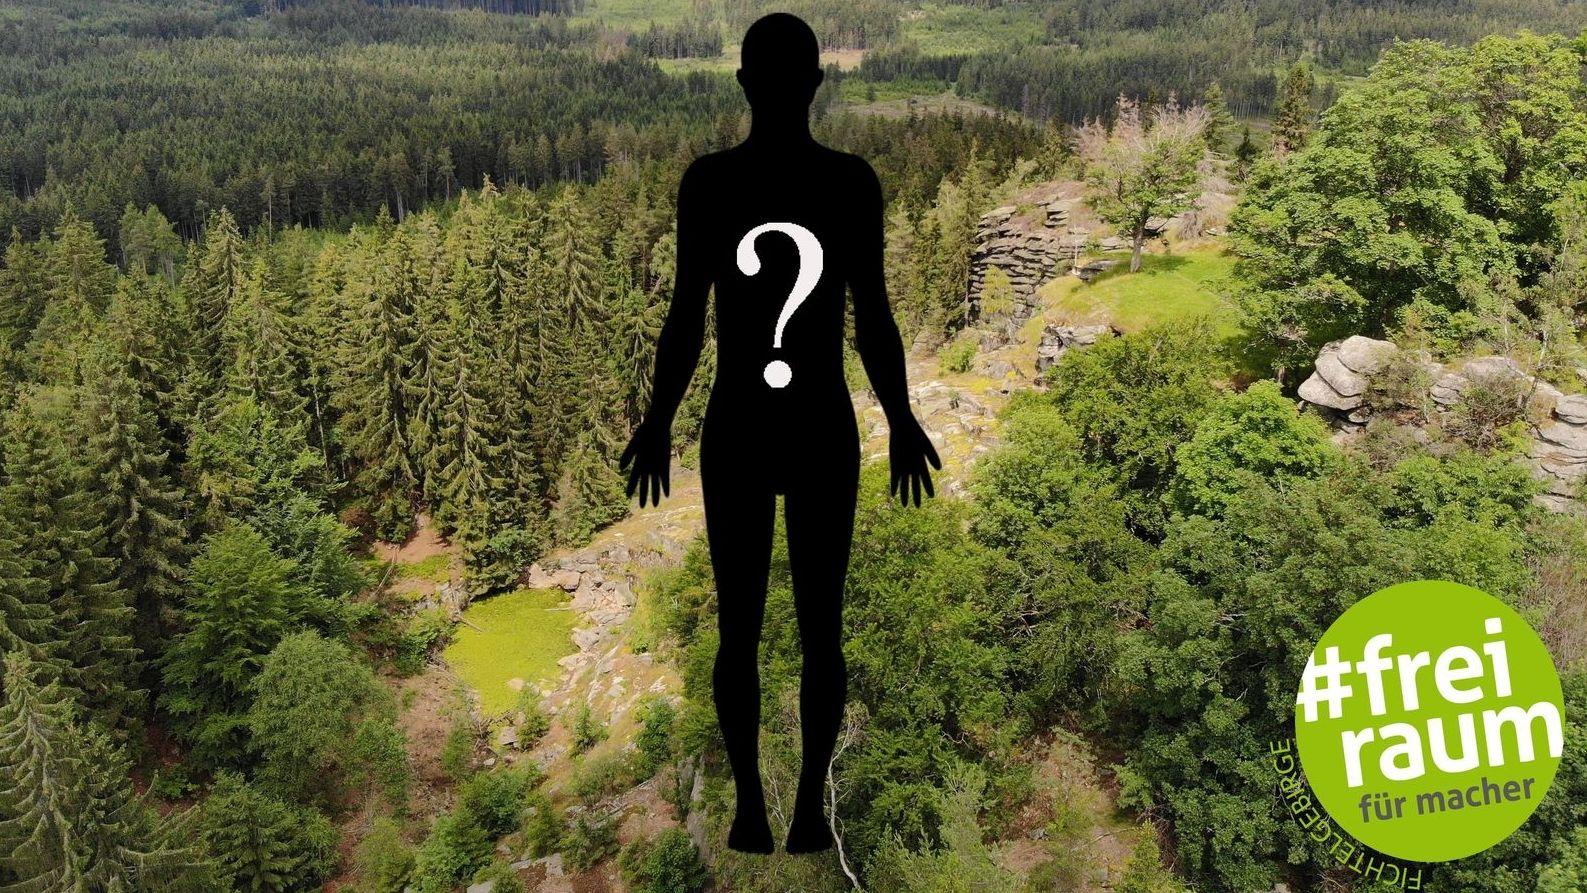 Eine schwarze Figur mit einem weißen Fragezeichen auf dem Rücken schwebt über dem Fichtelgebirge mit vielen grünen Bäumen.